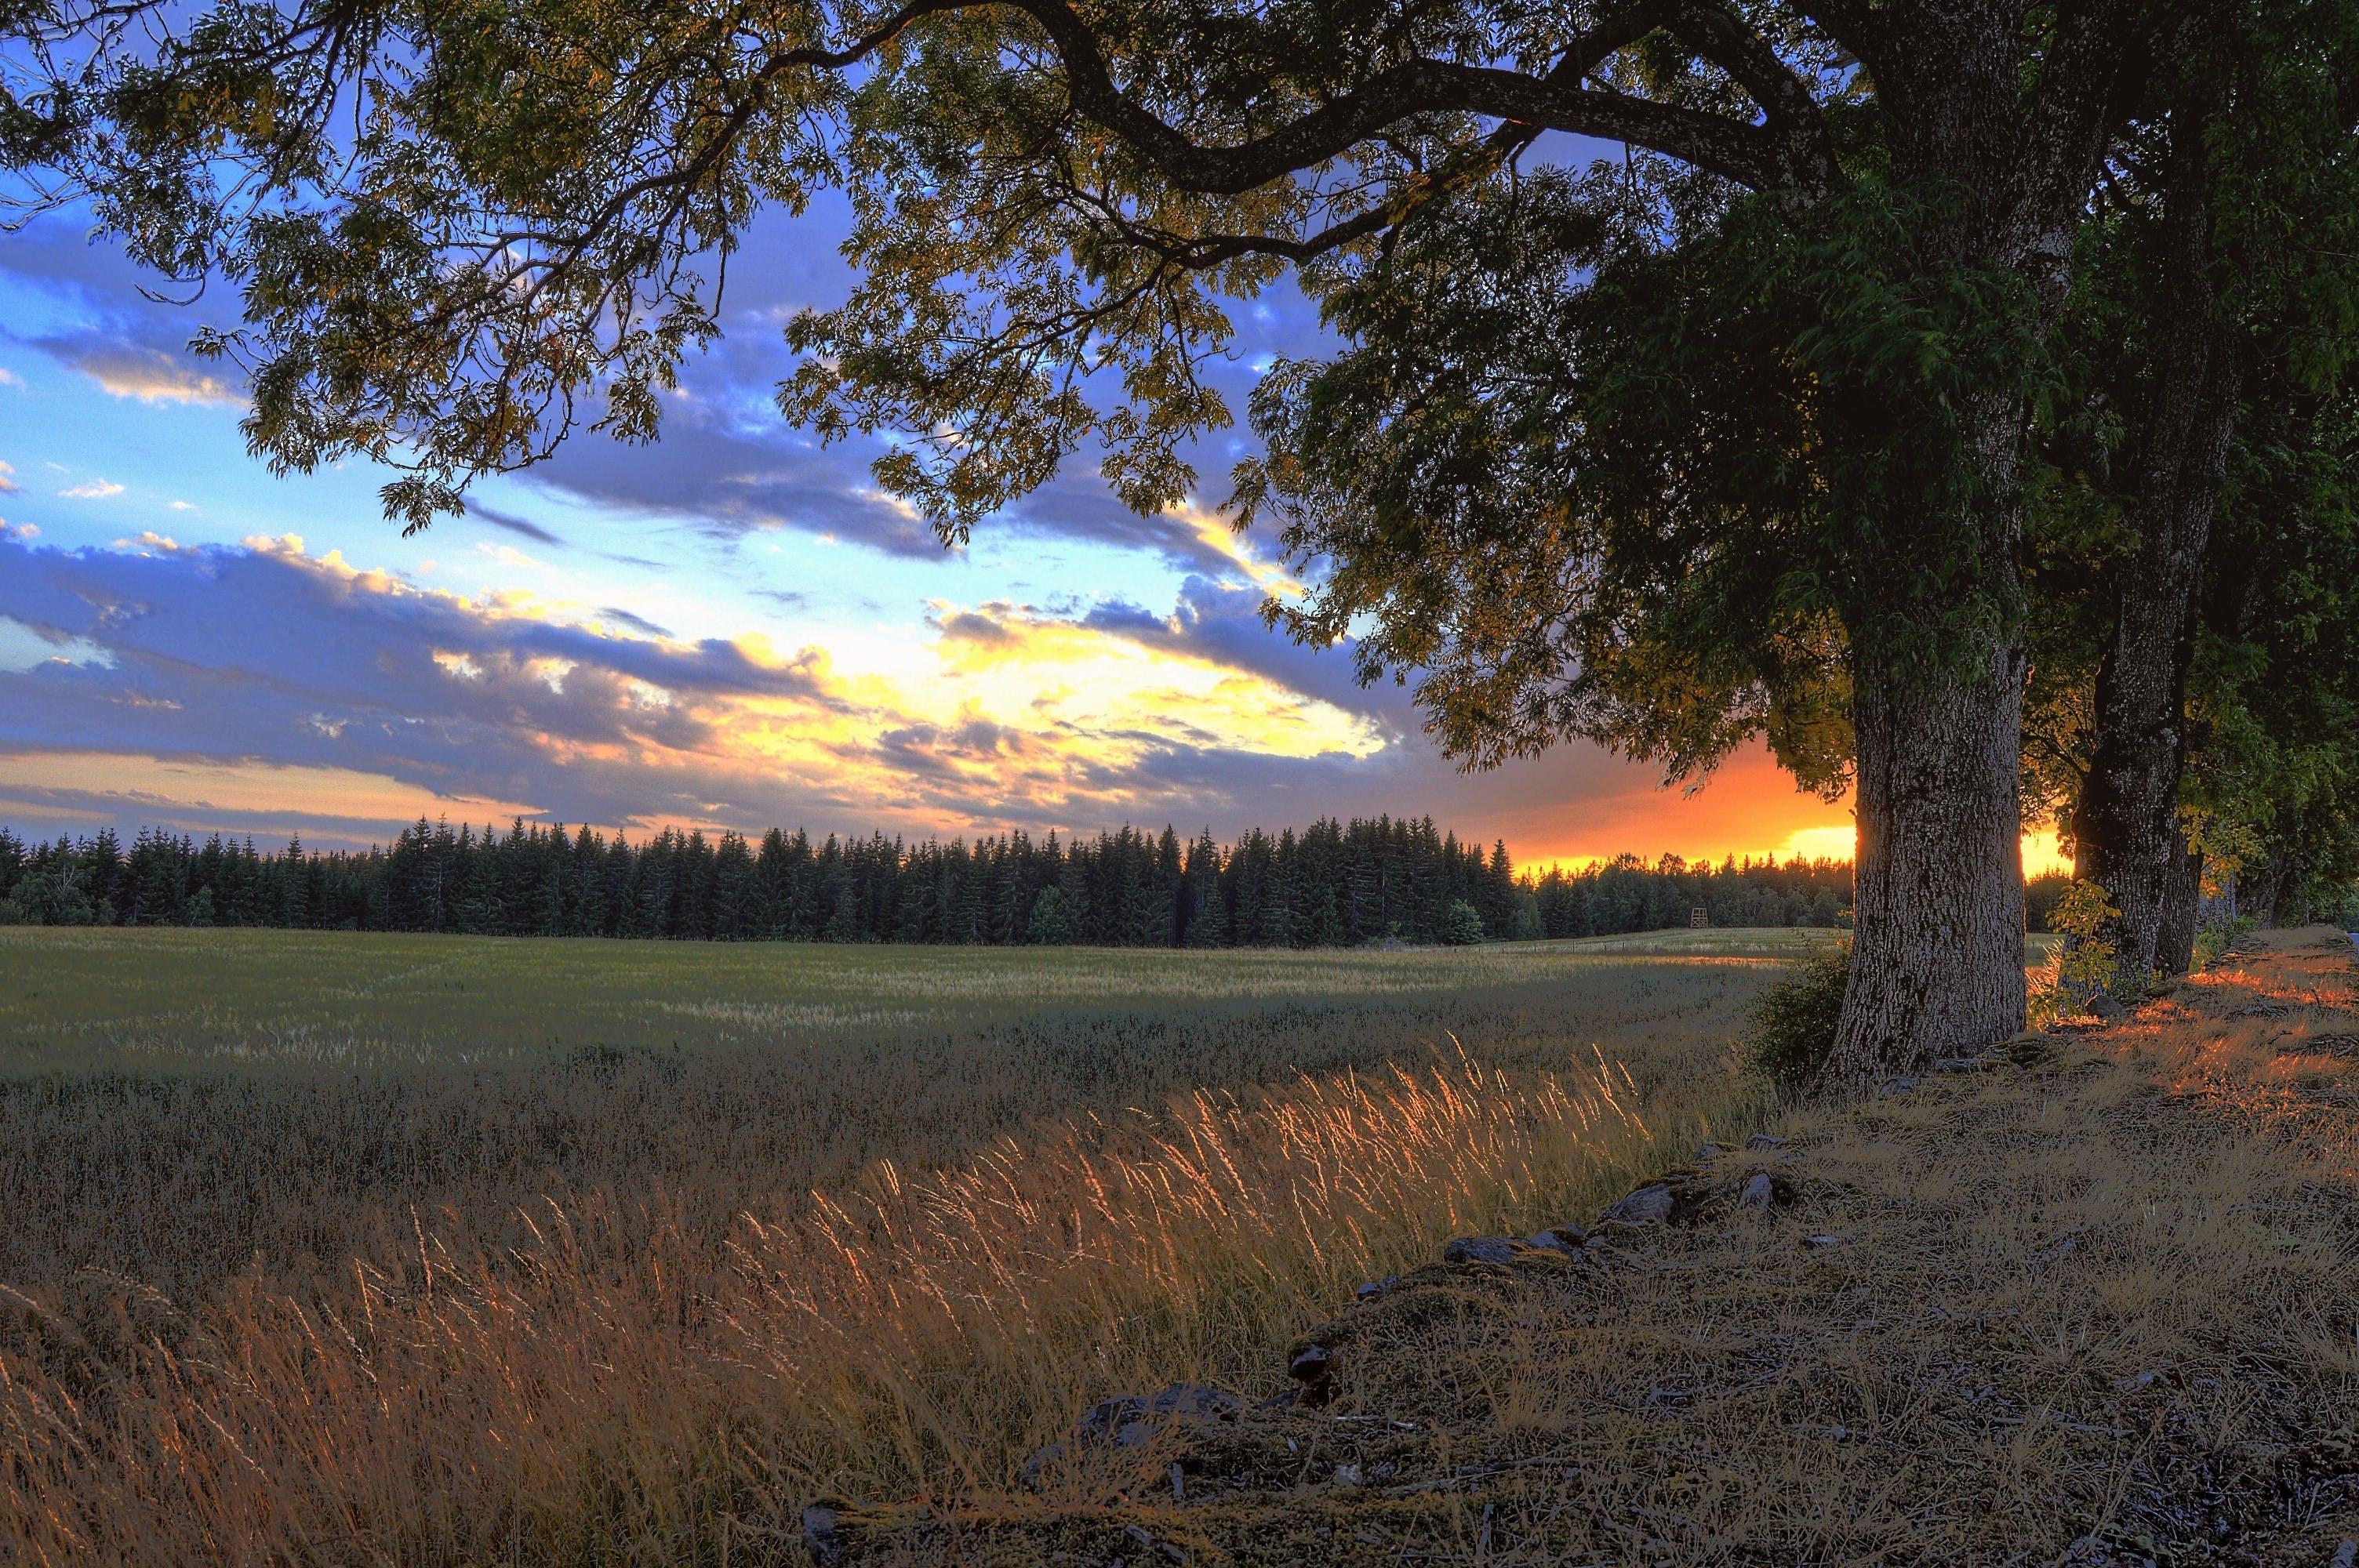 Fotos de stock gratuitas de al aire libre, amanecer, arboles, bonito